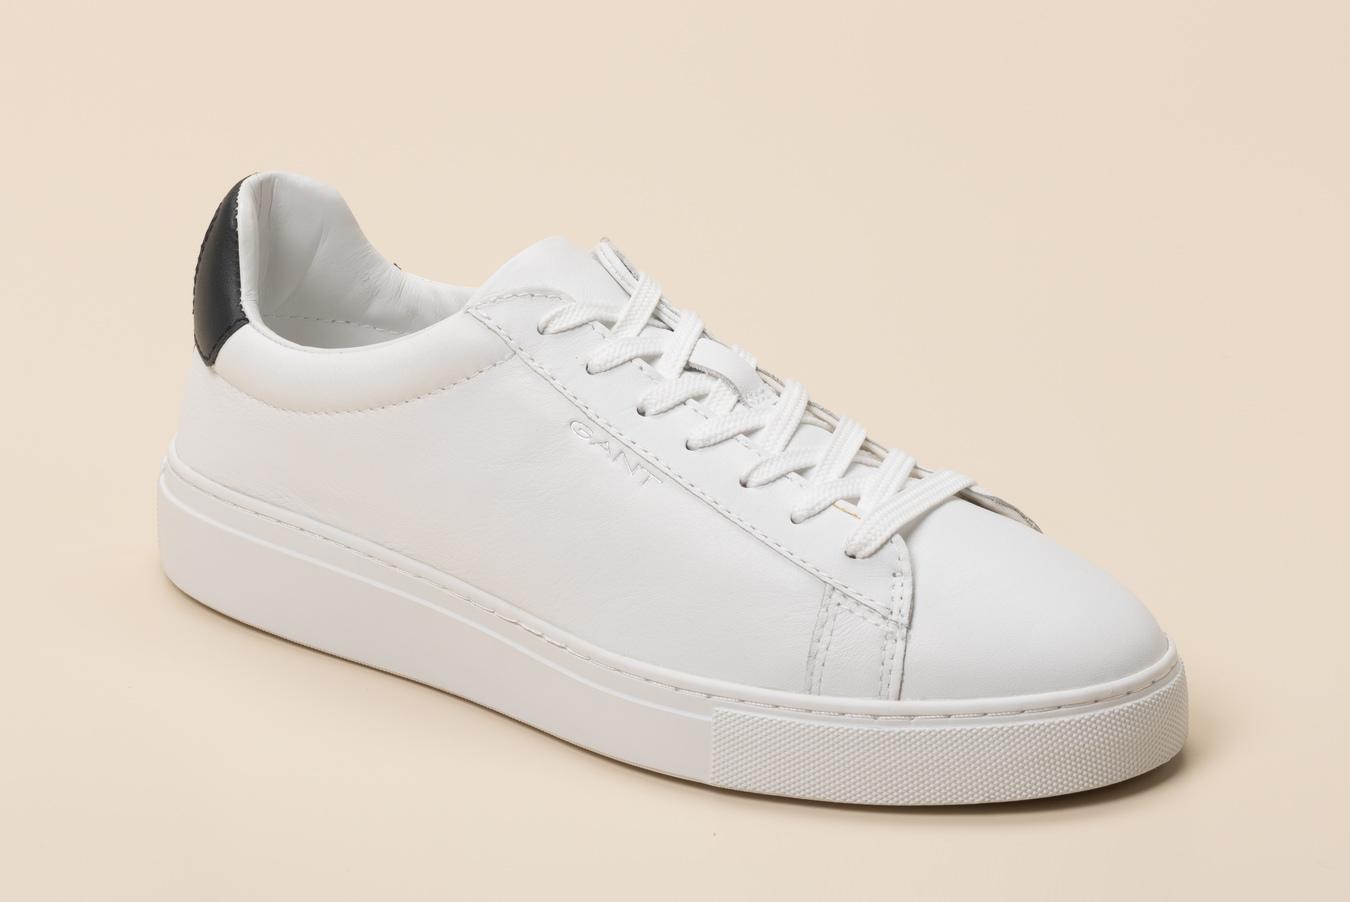 quality design 5112d 693e4 Gant Herren Sneaker in weiß kaufen | Zumnorde Online-Shop